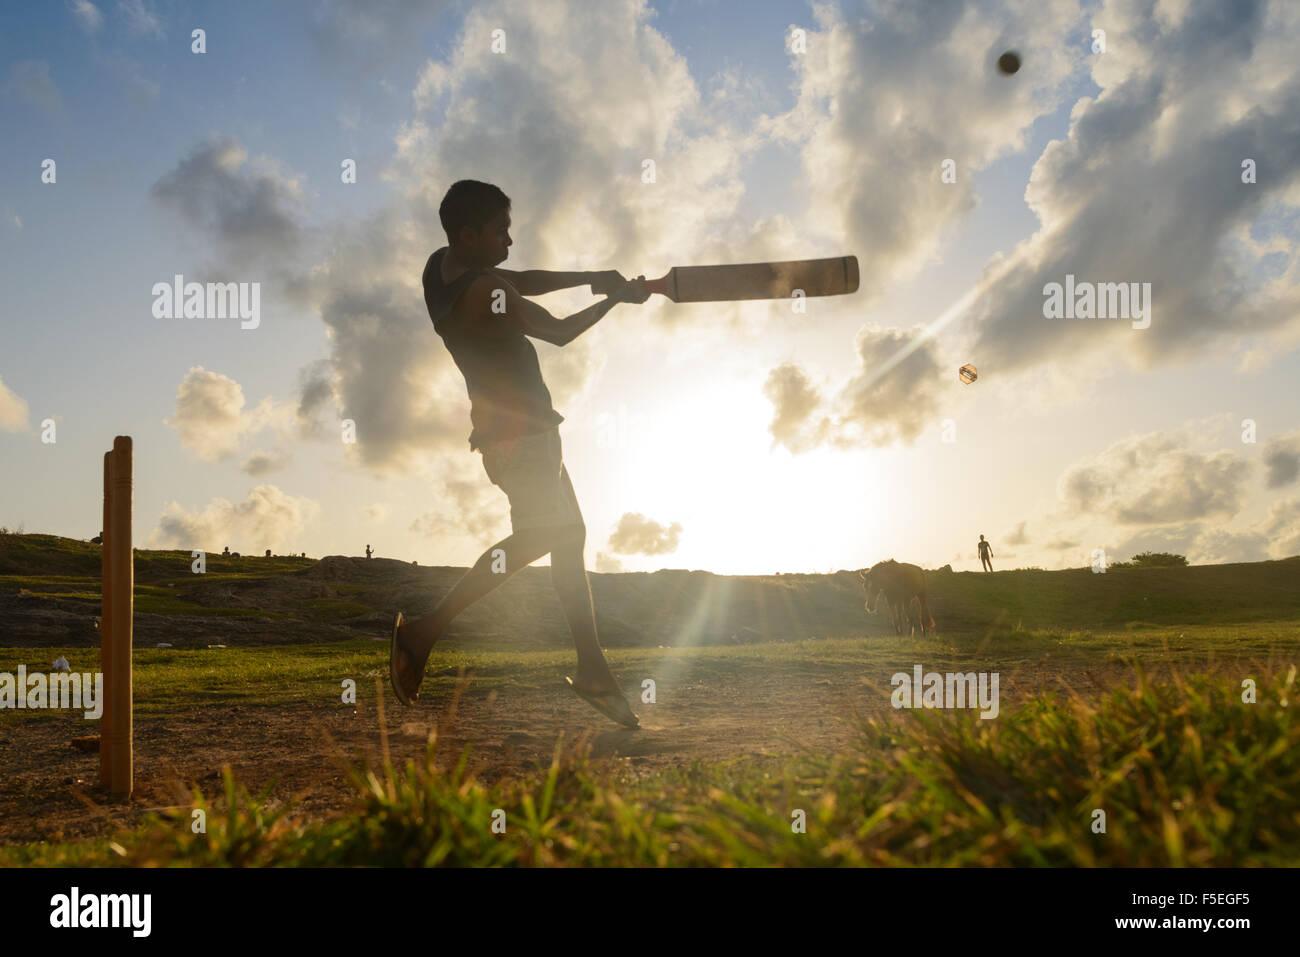 Silhouette di un uomo a giocare a cricket, Galle, Sri Lanka Immagini Stock